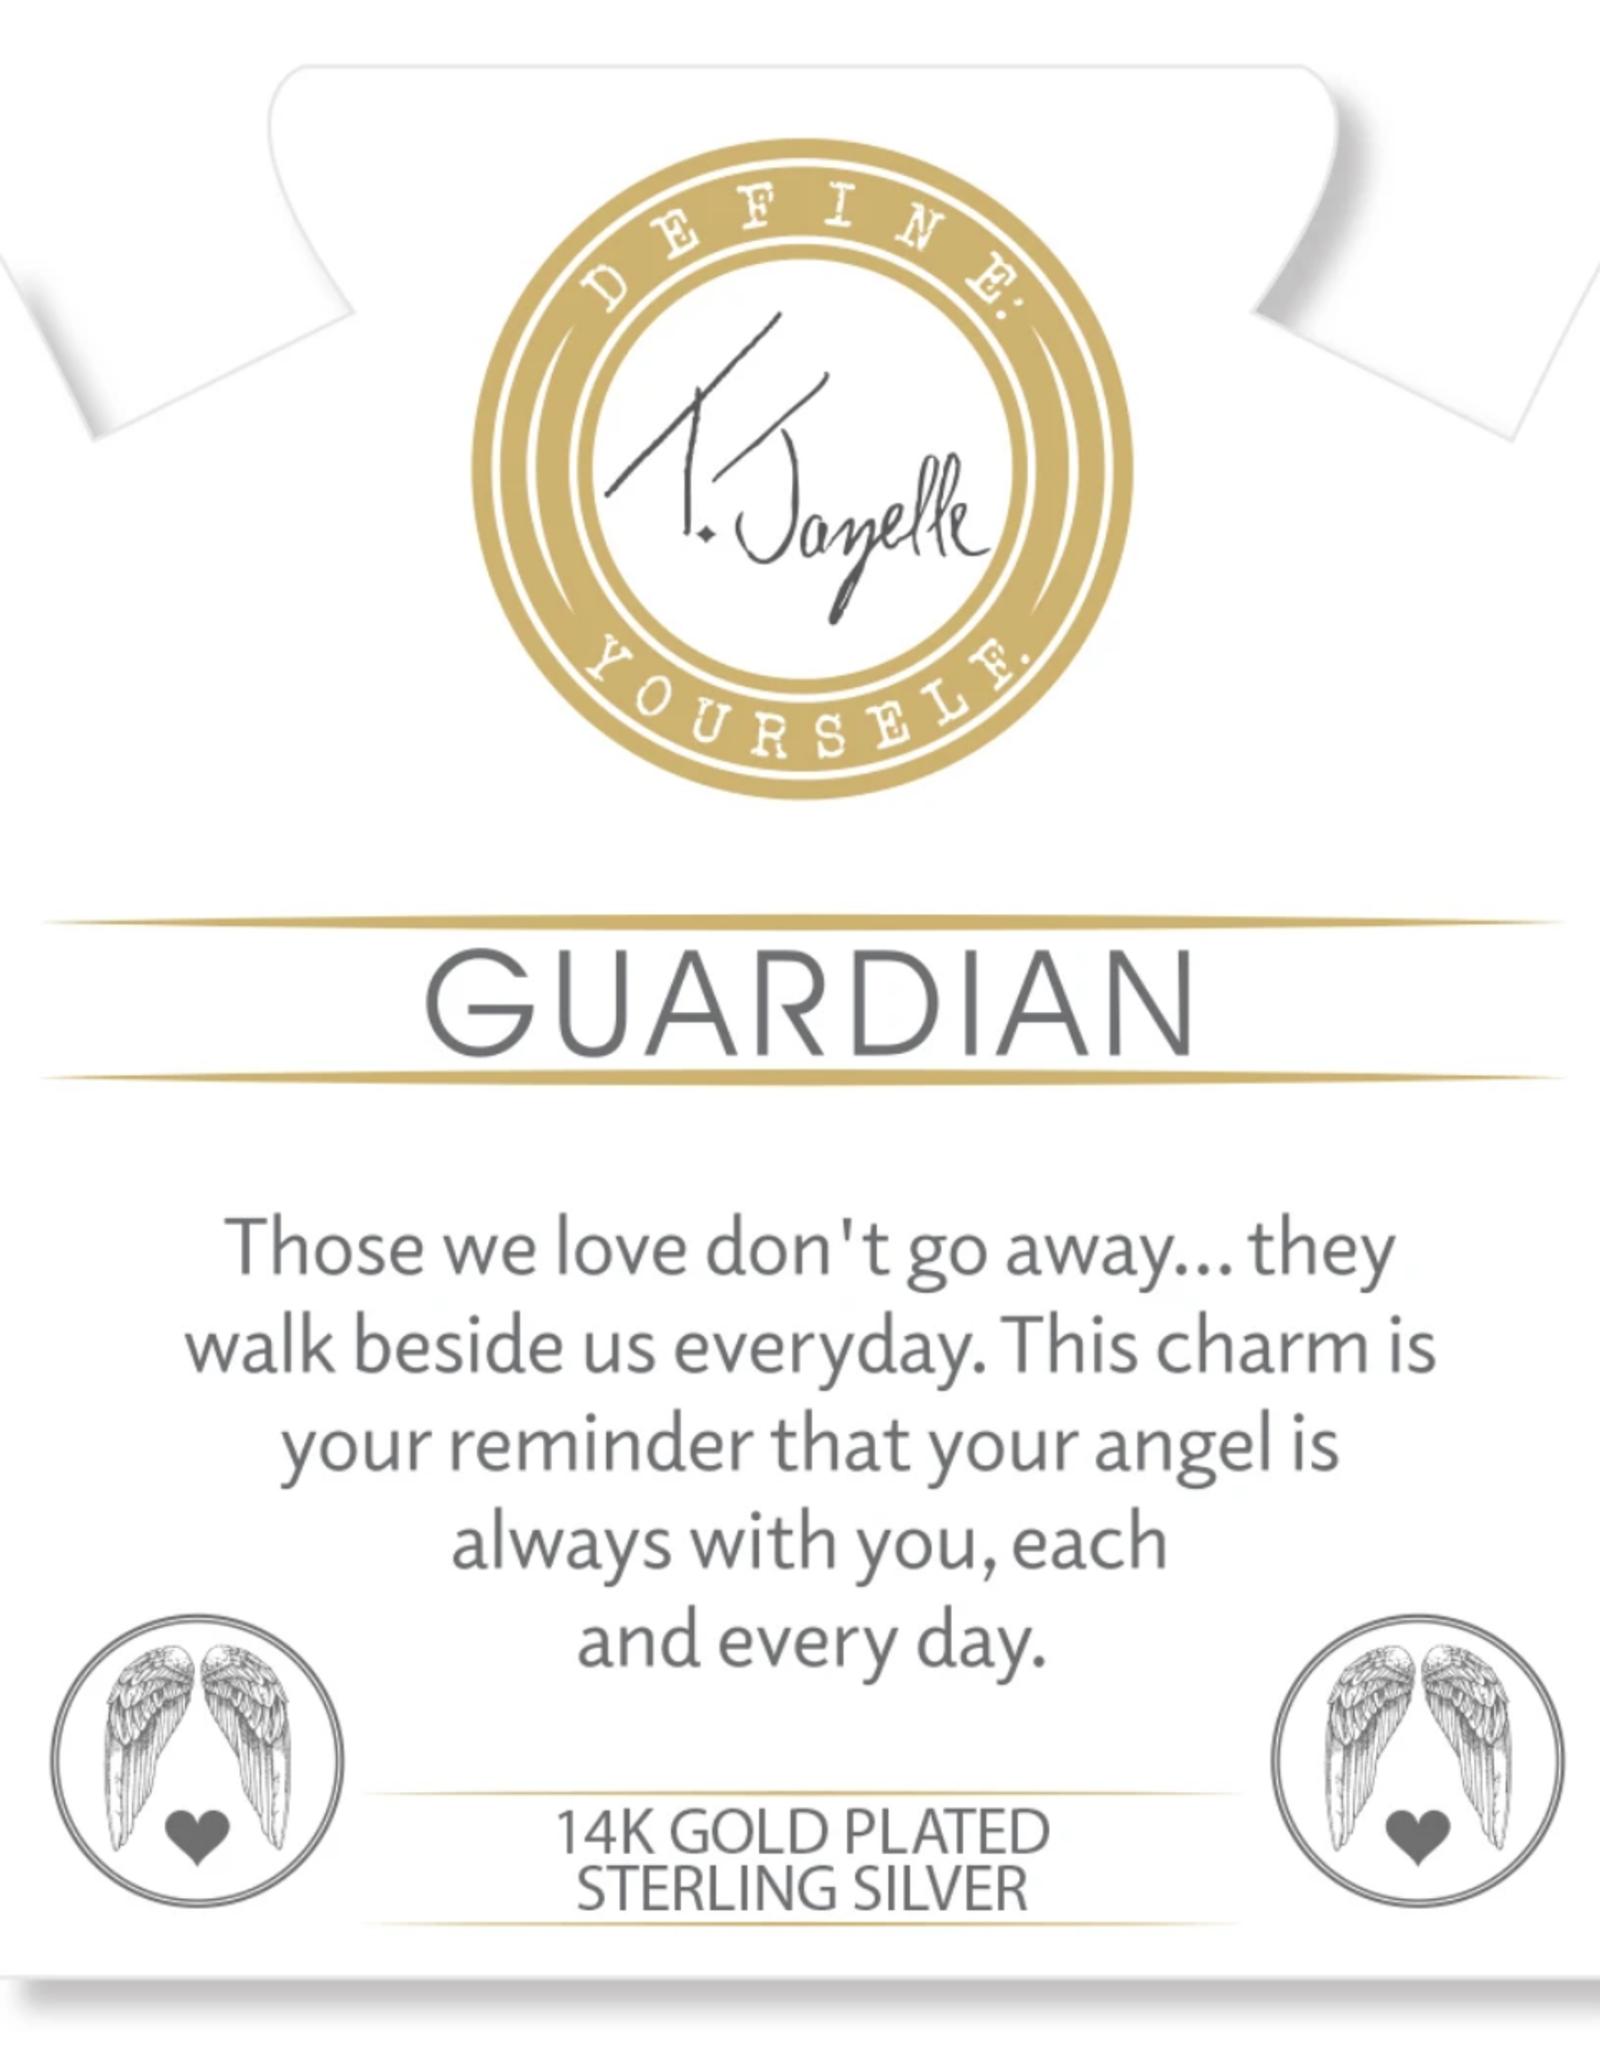 T. Jazelle - Kyanite - Guardian Angel - Gold